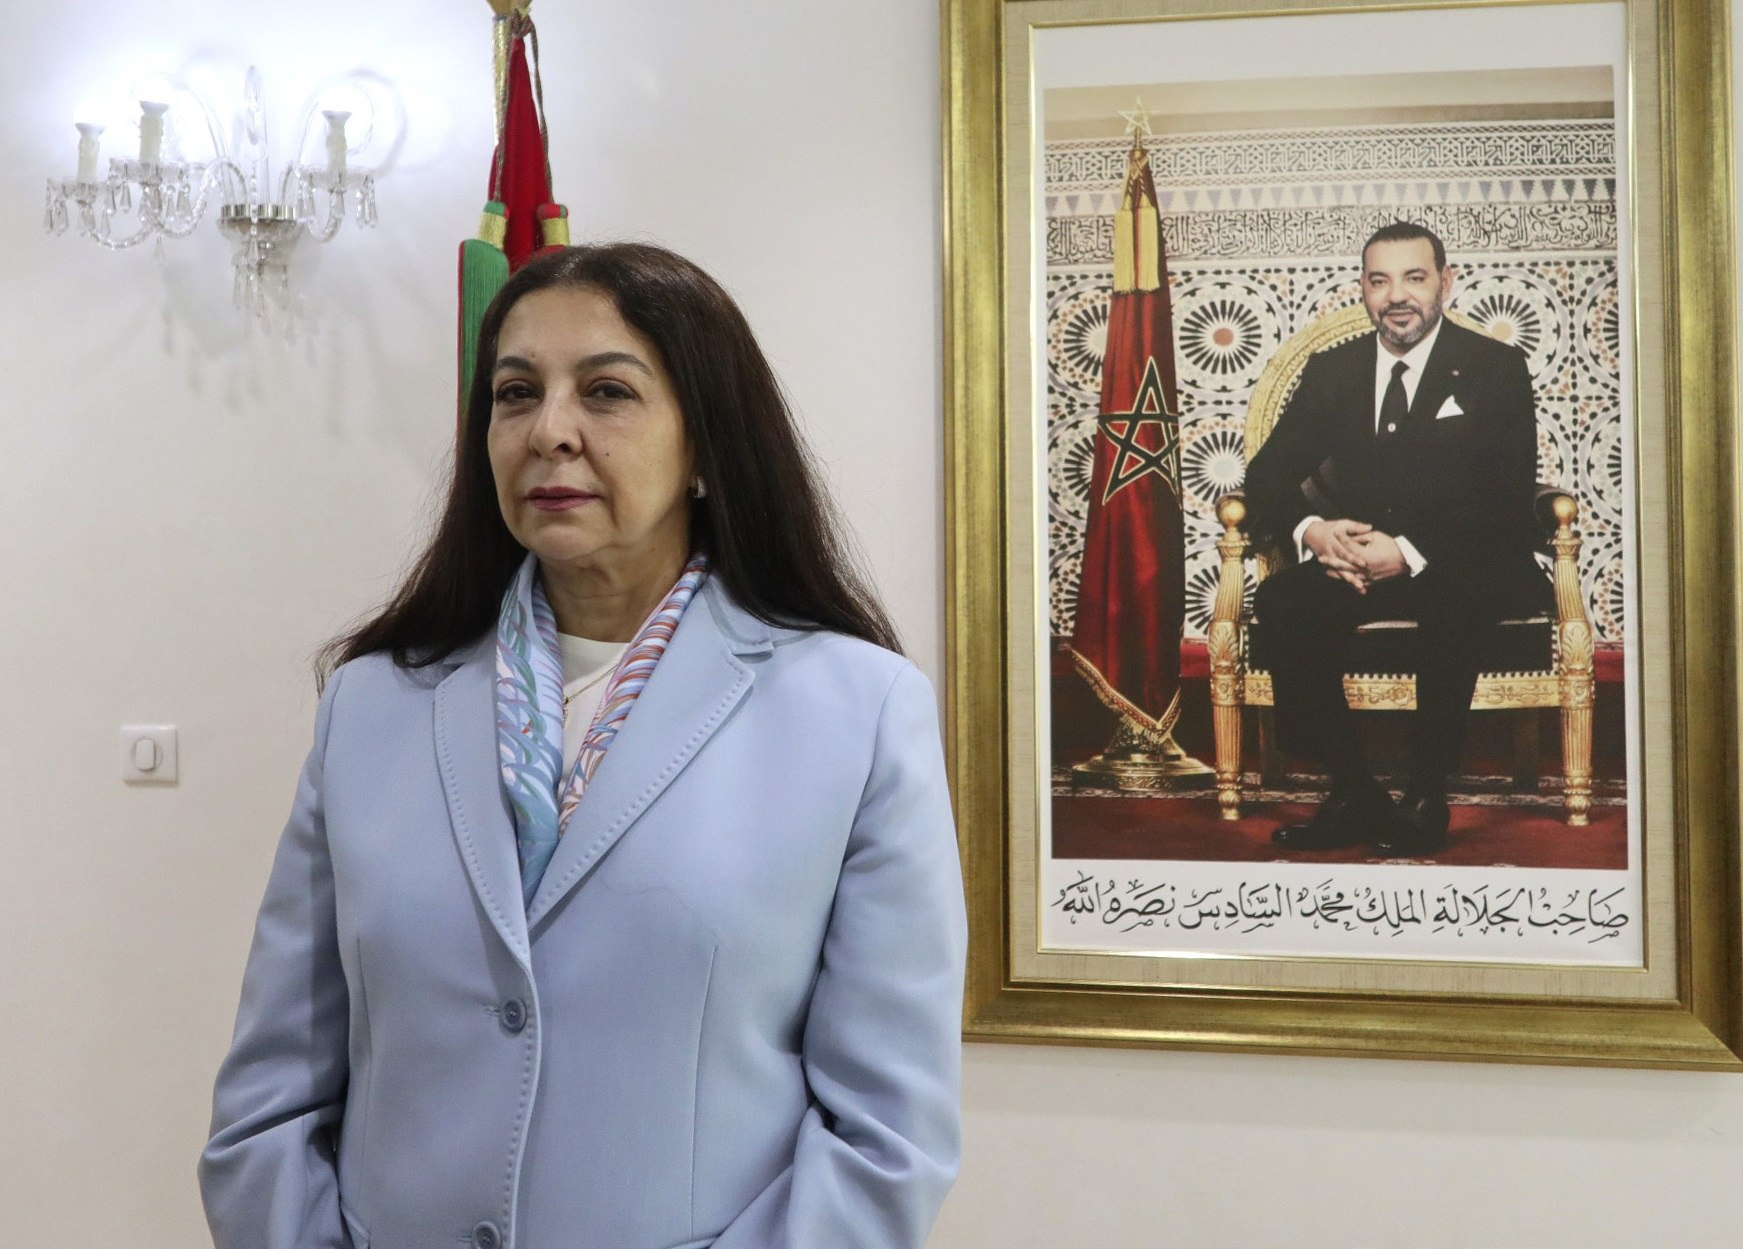 La embajadora marroquí en España, Karima Benyaich.